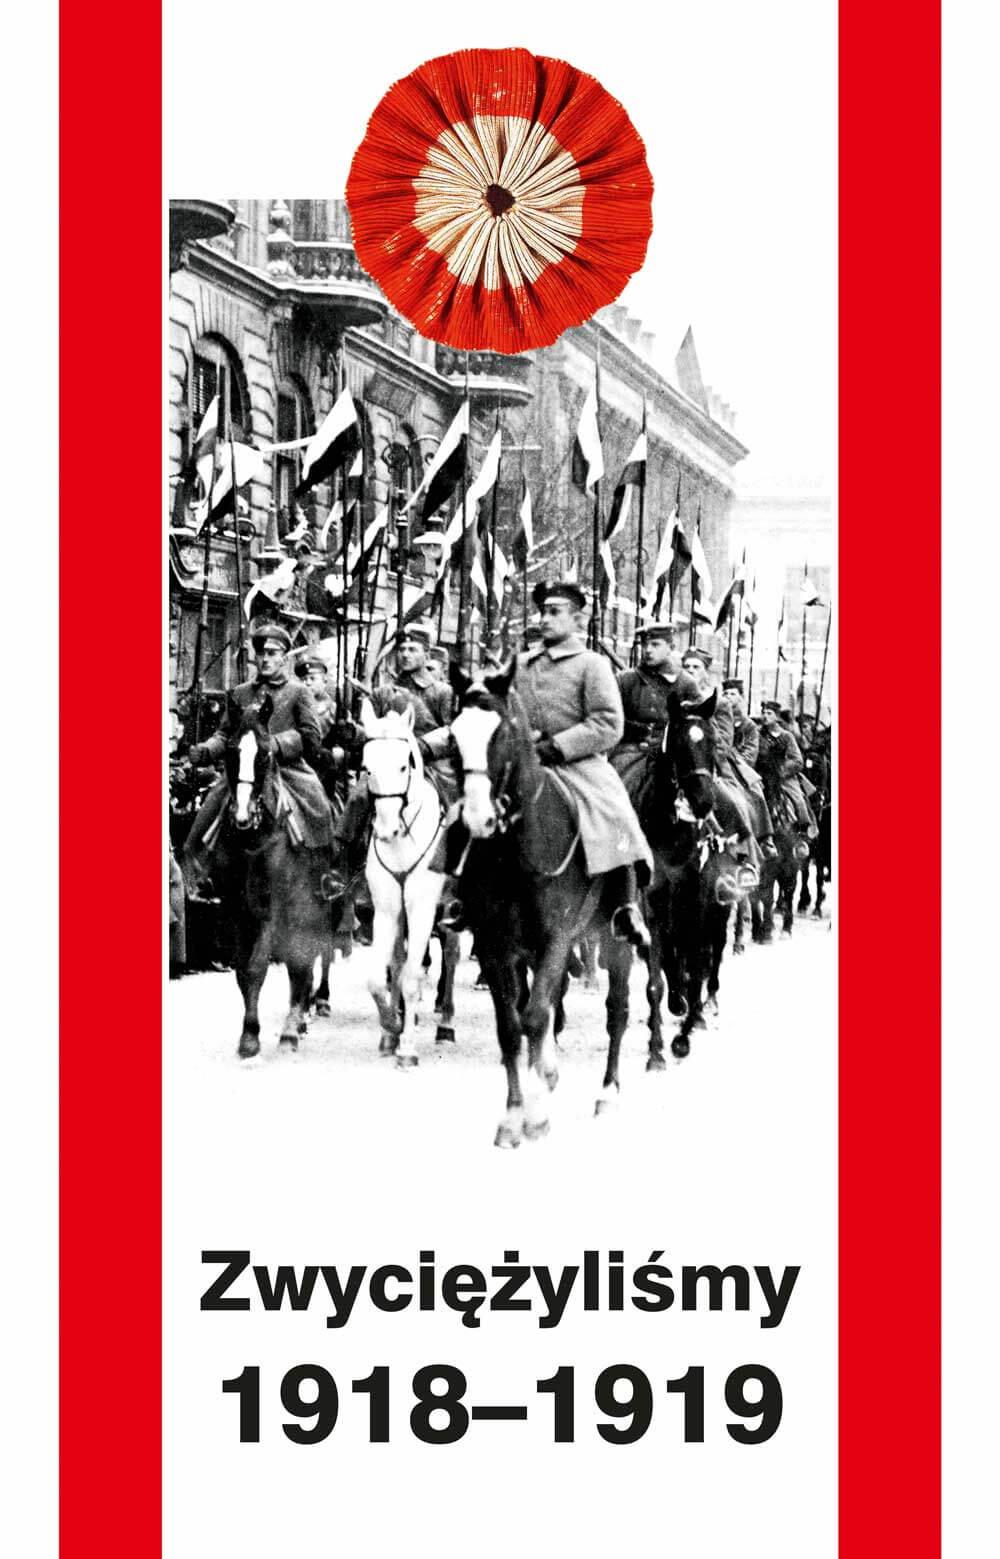 Muzeum Narodowe w Poznaniu upamiętnia rocznicę zwycięskiego Powstania Wielkopolskiego